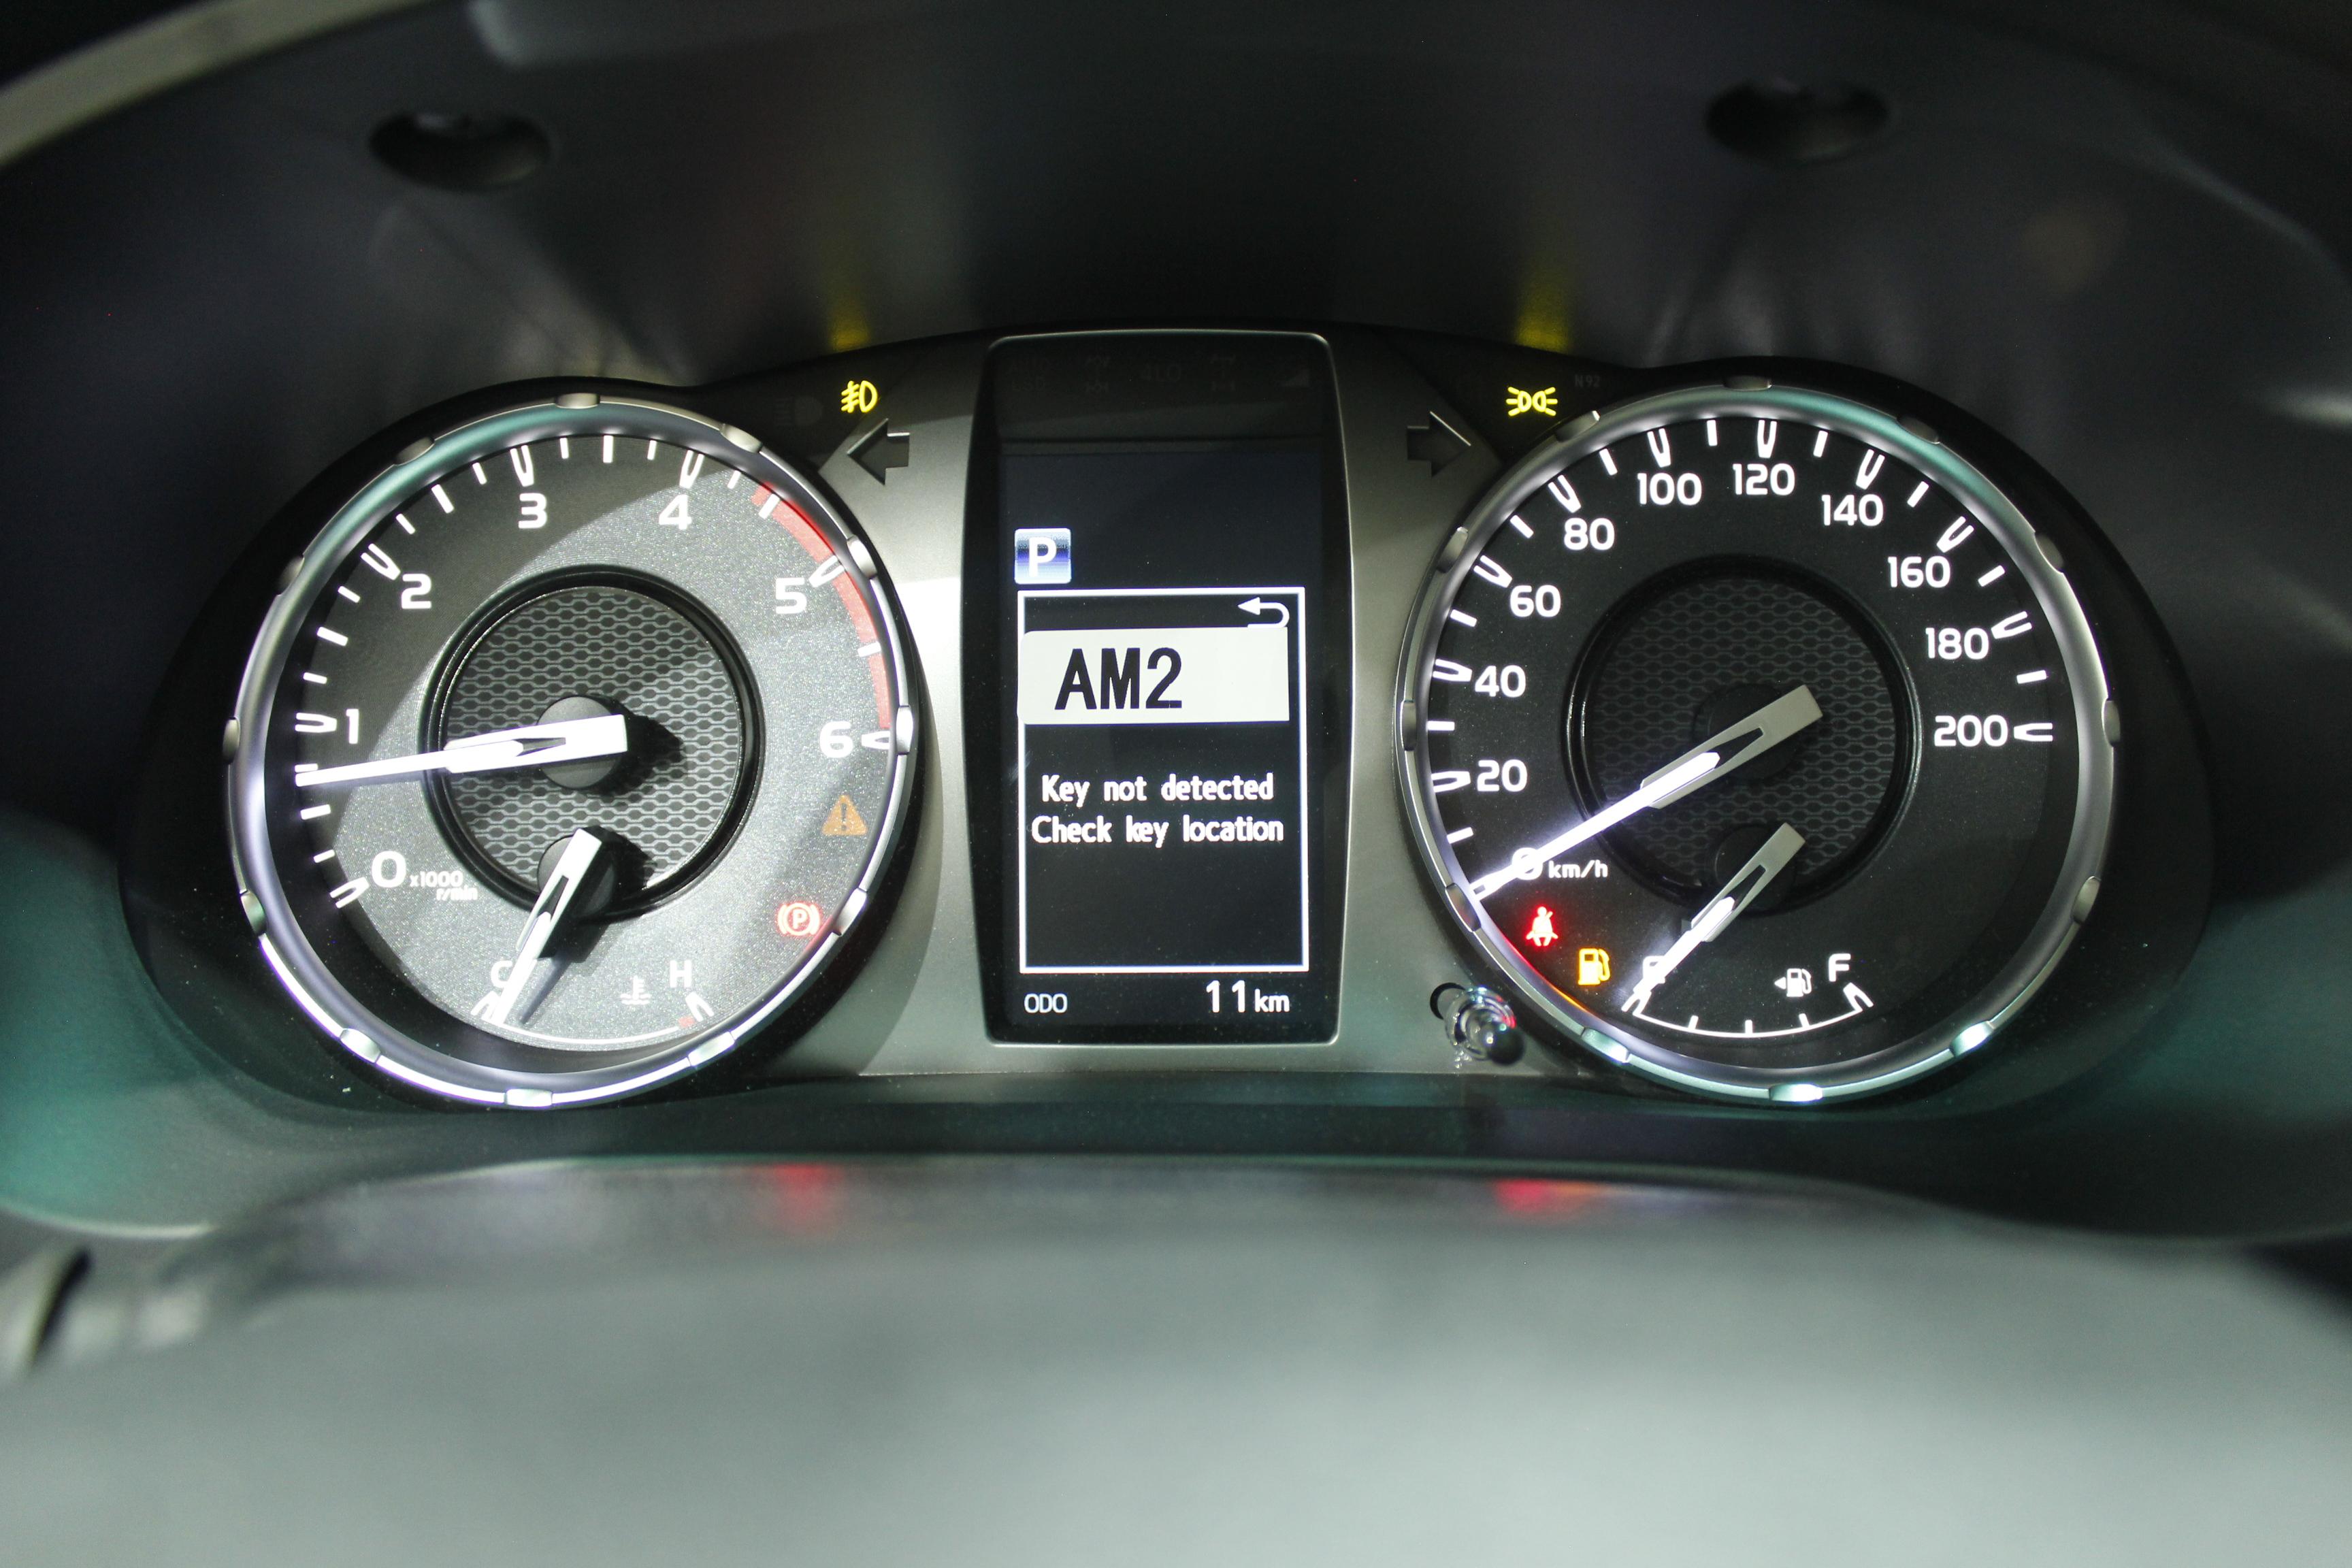 مباع - تويوتا  هايلكس  S-GLX  2021 فل كامل ديزل محرك 2800 سي سي  للبيع في الرياض - السعودية - صورة كبيرة - 8